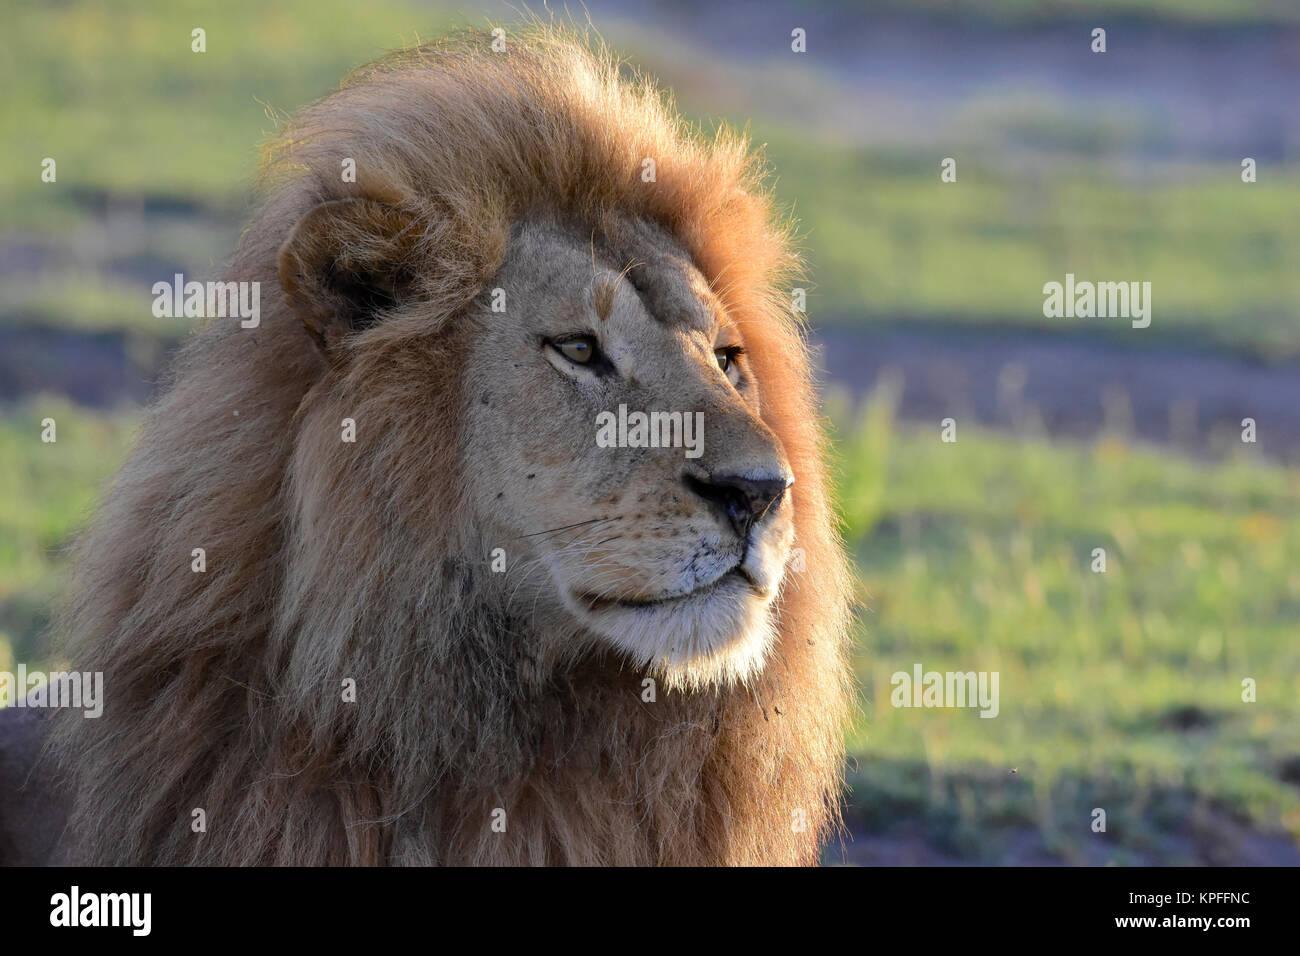 La fauna selvatica sightseeing in una delle principali destinazioni della fauna selvatica su earht -- Serengeti Tanzania.Staring maned lion. Foto Stock